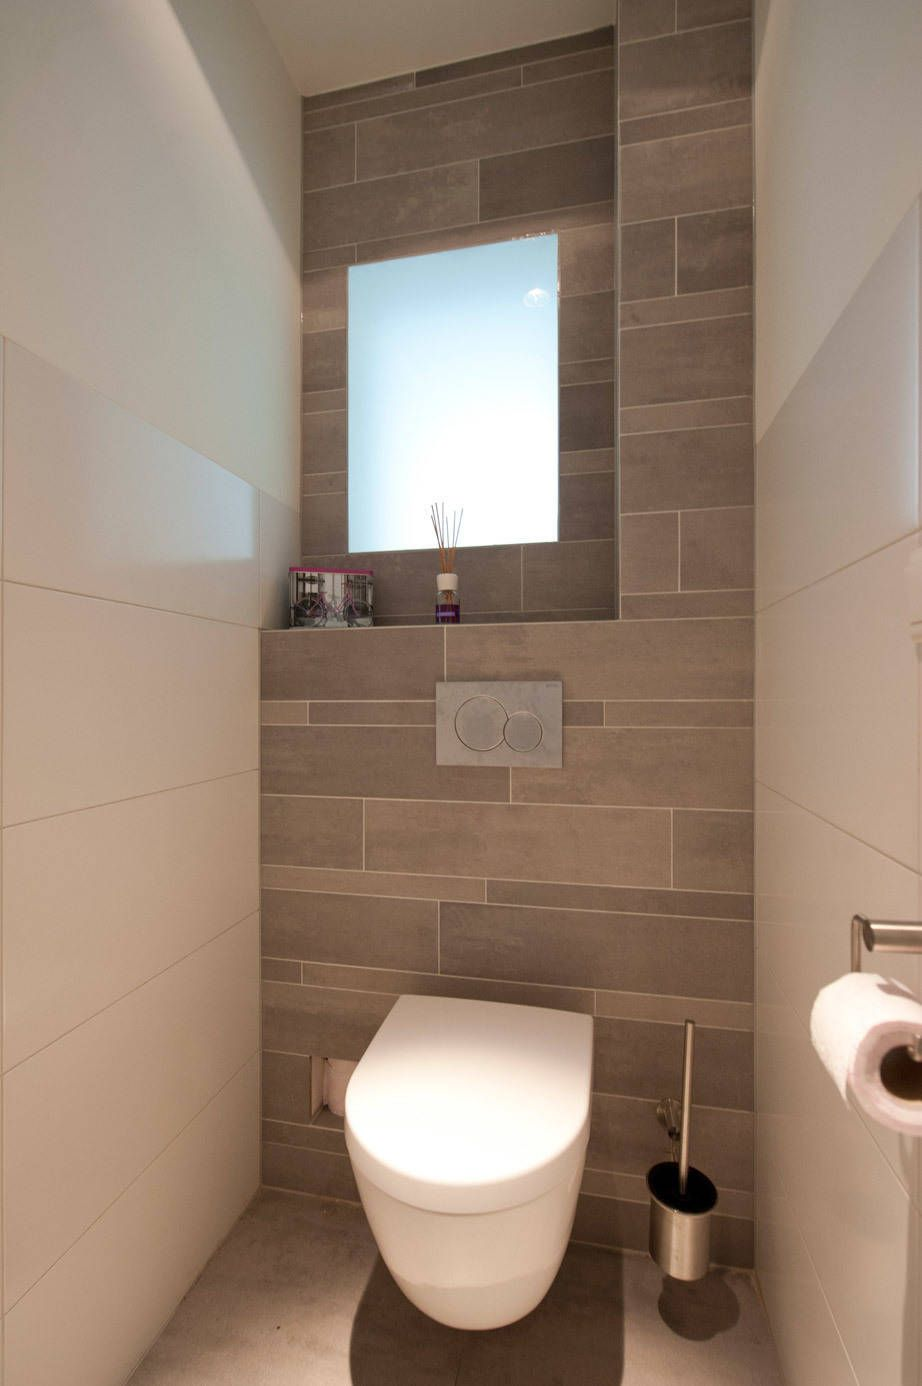 Badezimmer ideen halb geflieste wände wohnideen interior design einrichtungsideen u bilder  toilet